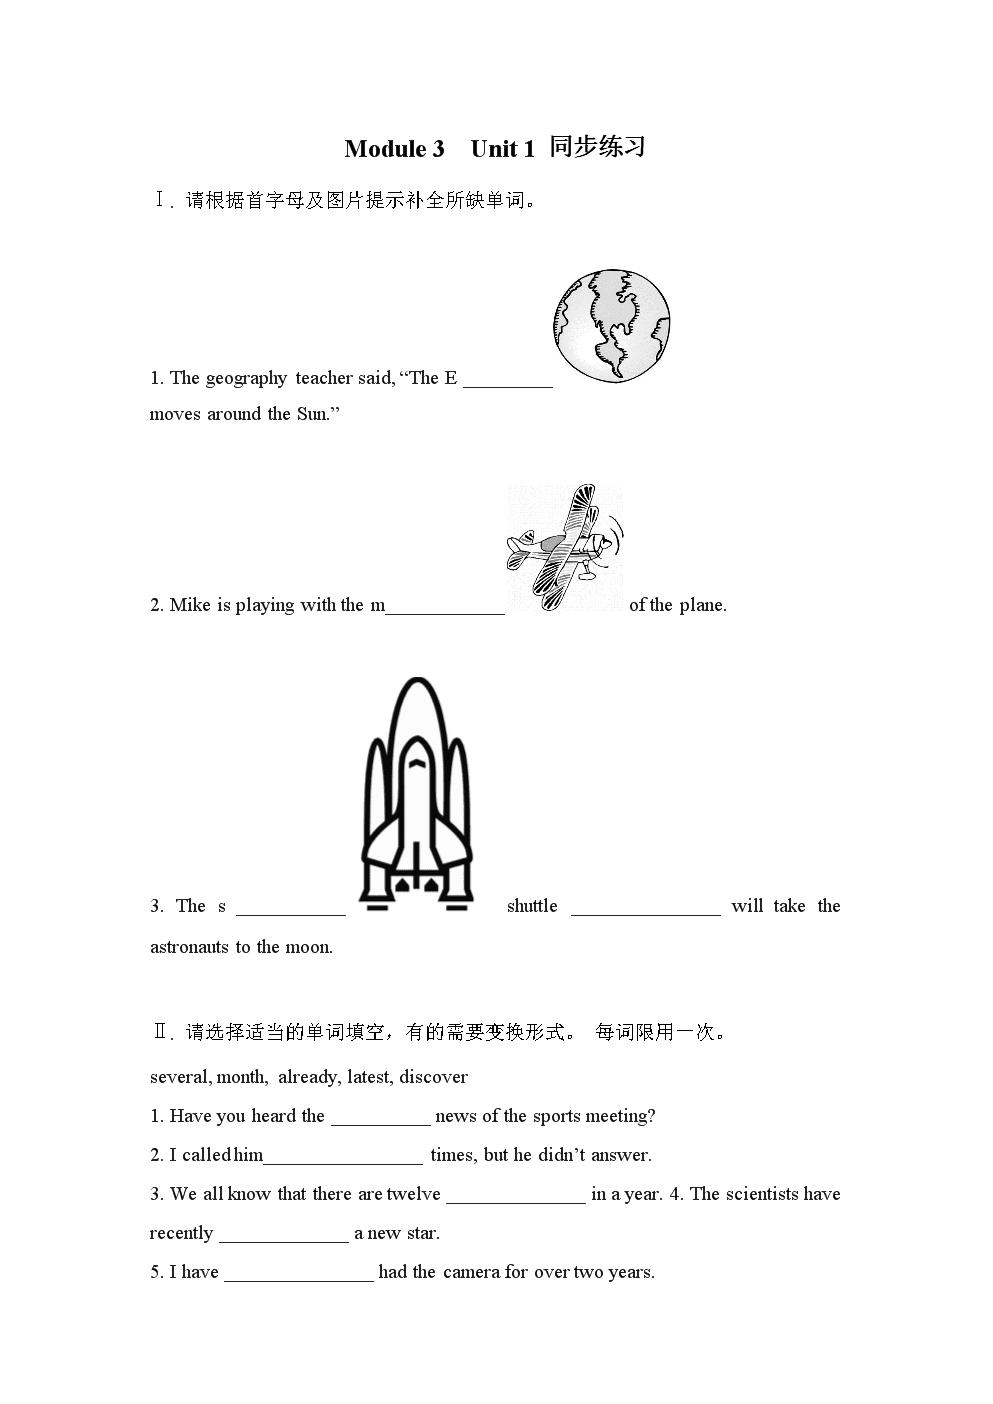 module3unit1同步练习含答案.docx